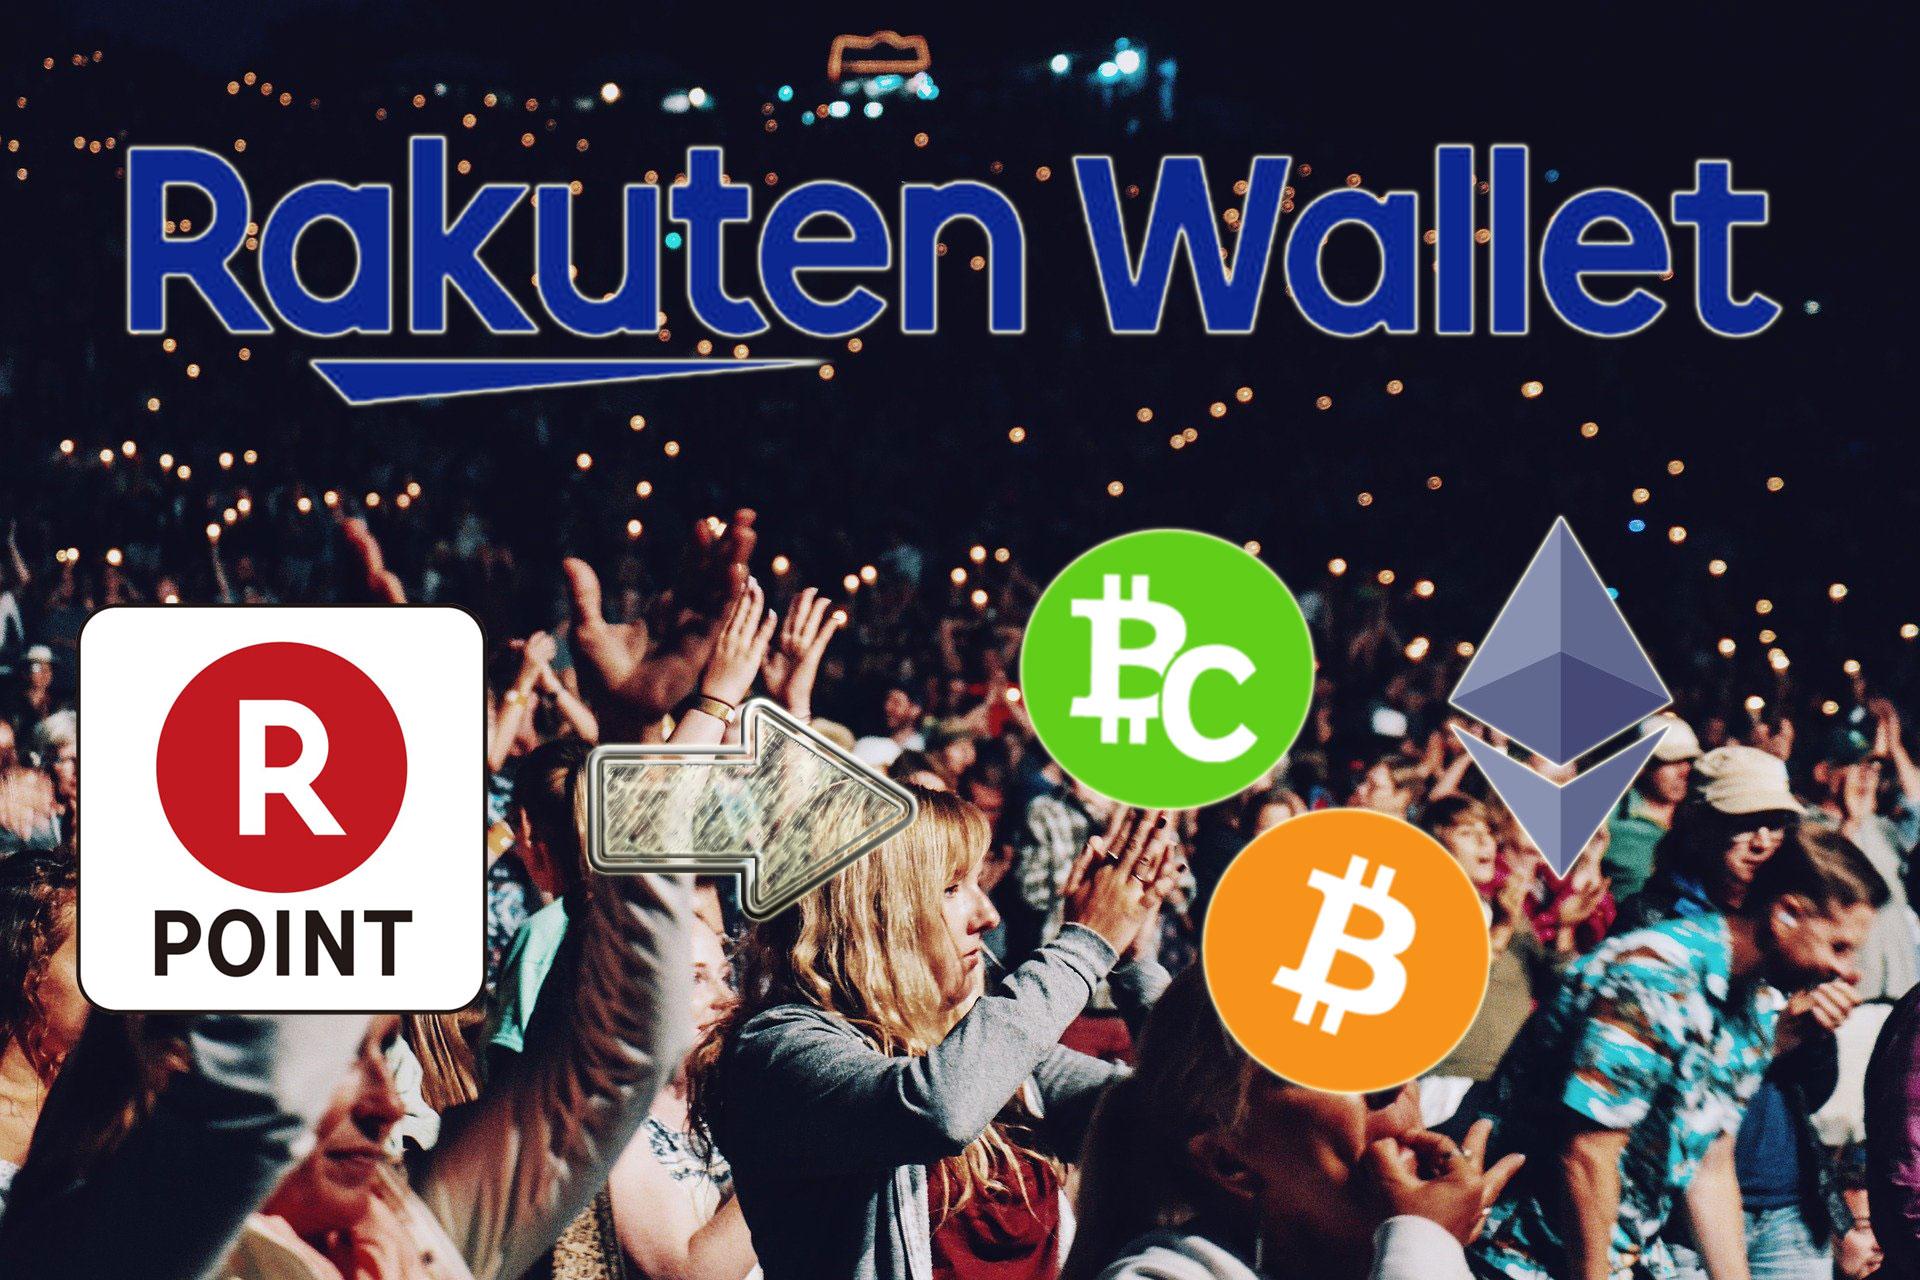 楽天ウォレット、楽天ポイントを仮想通貨へ交換できるサービス開始!